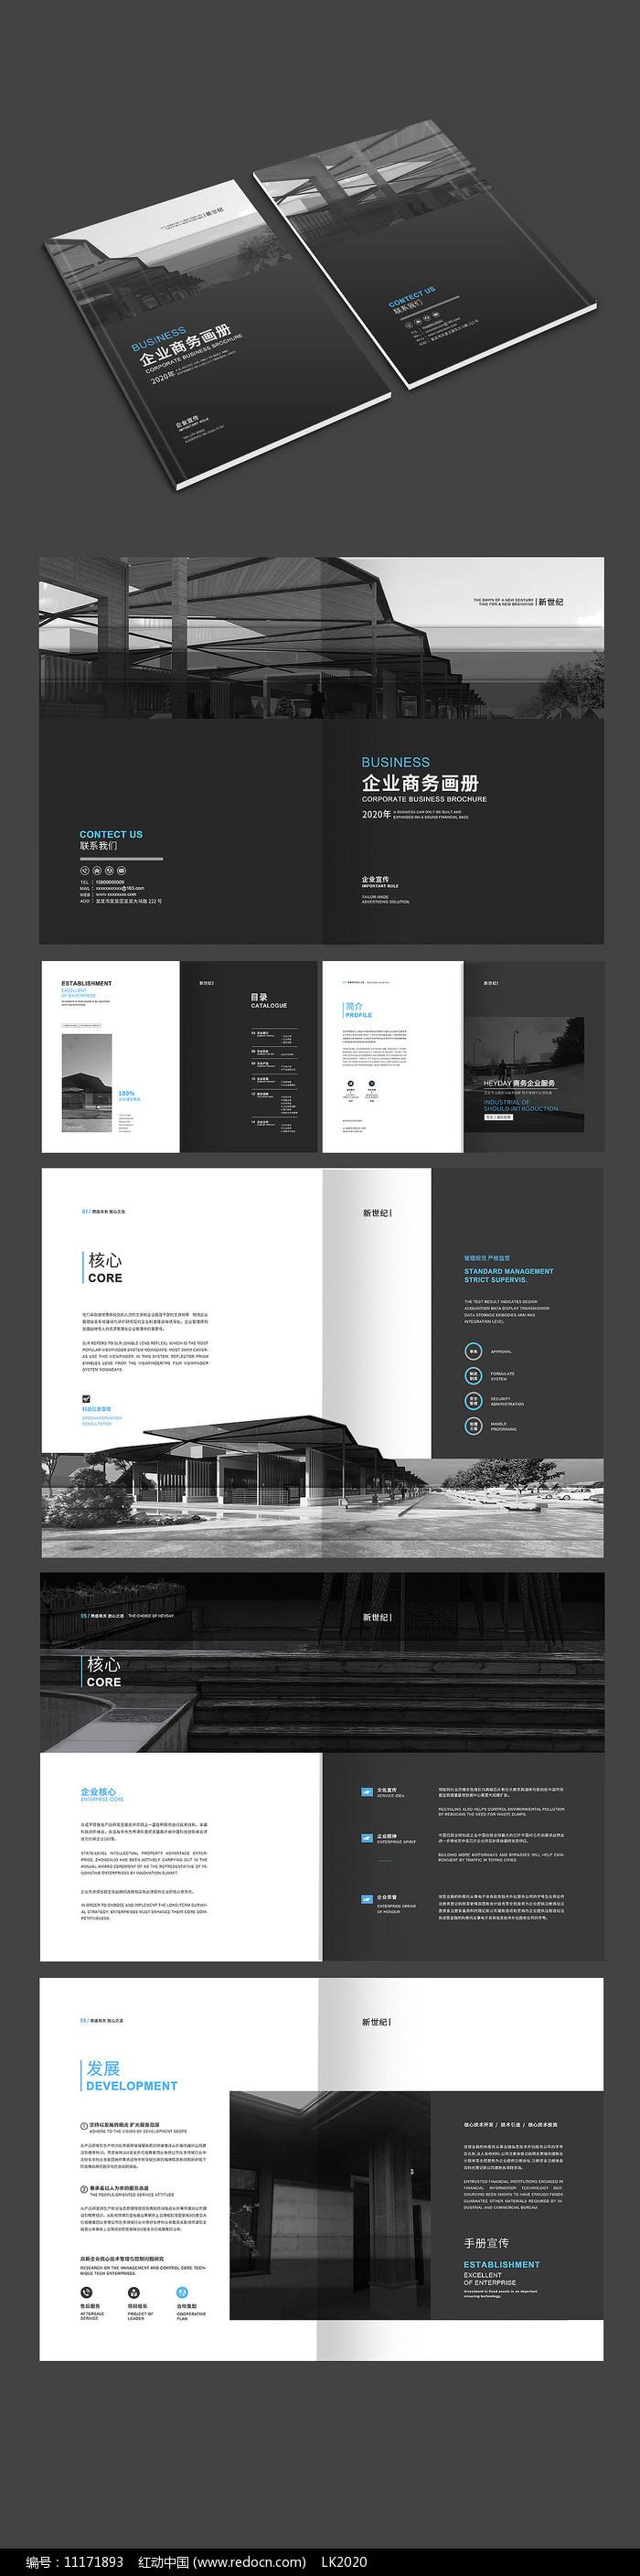 灰色时尚几何商务画册图片